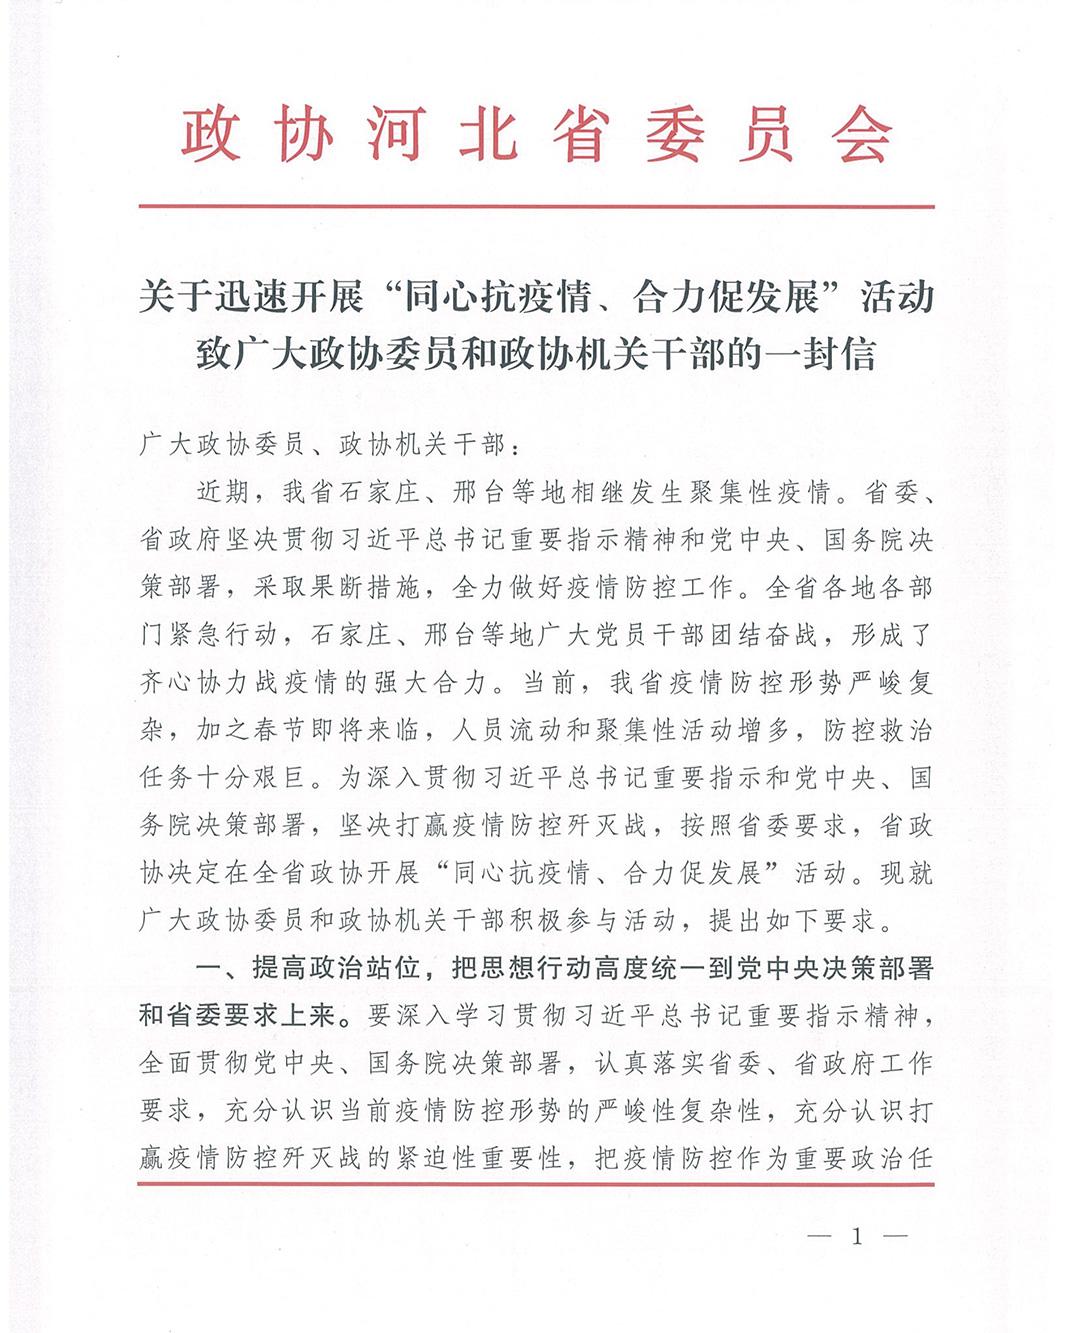 致广大政协委员的一封信-3.jpg